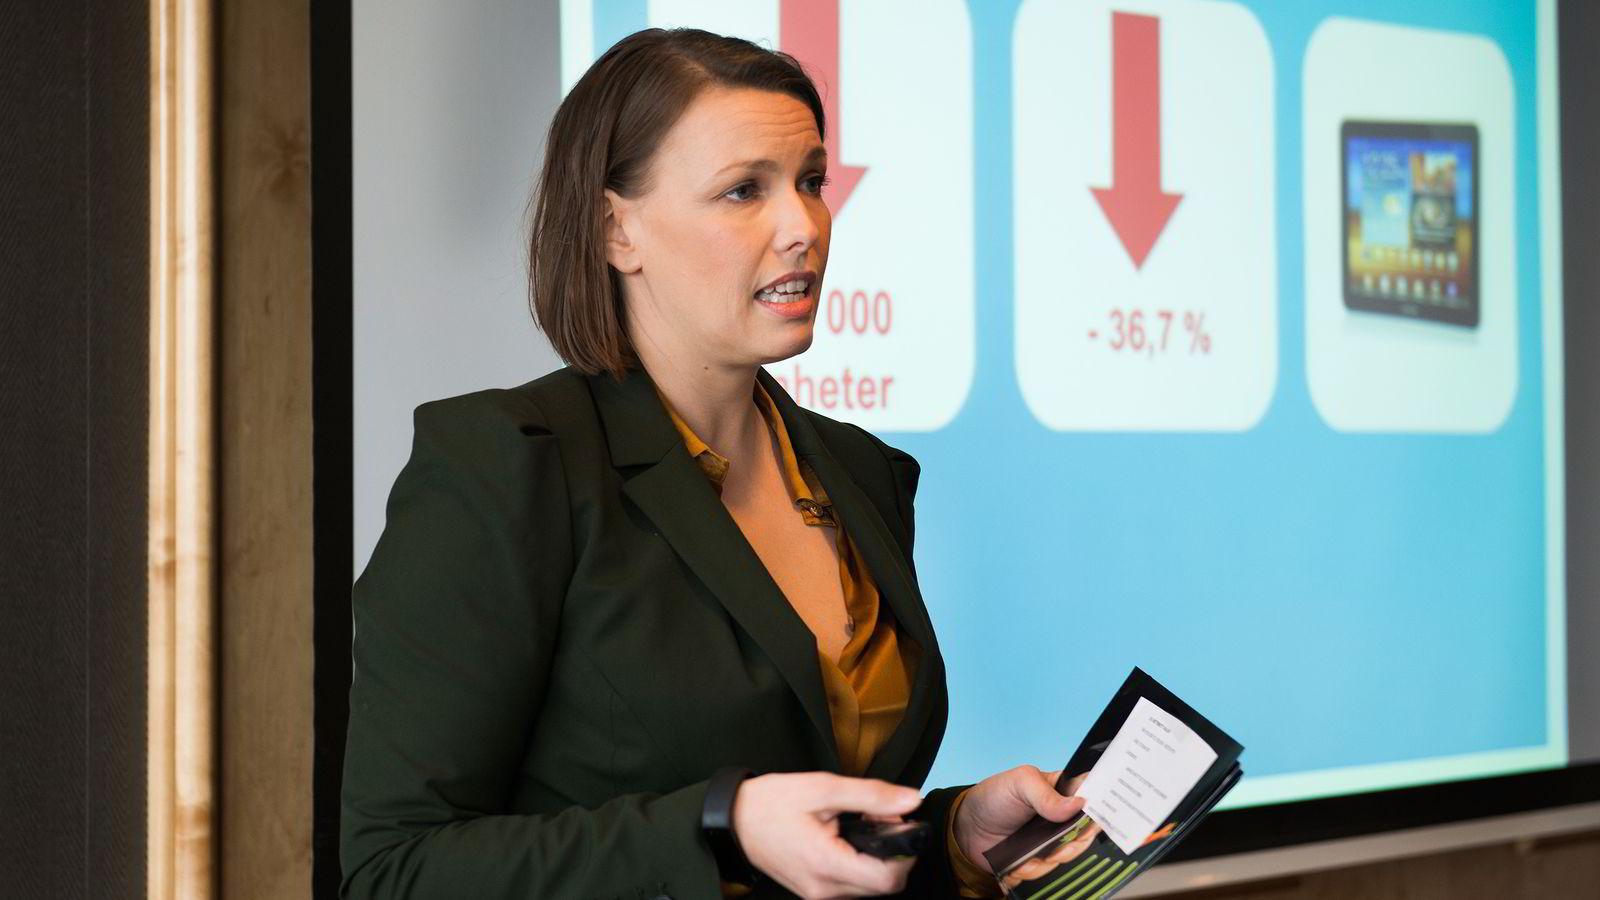 Oslo 10.02.2015: Kommunikasjonssjef i Elektronikkbransjen Marte Ottemo konstaterer at pc-er og nettbrett byttet trend i 2014.